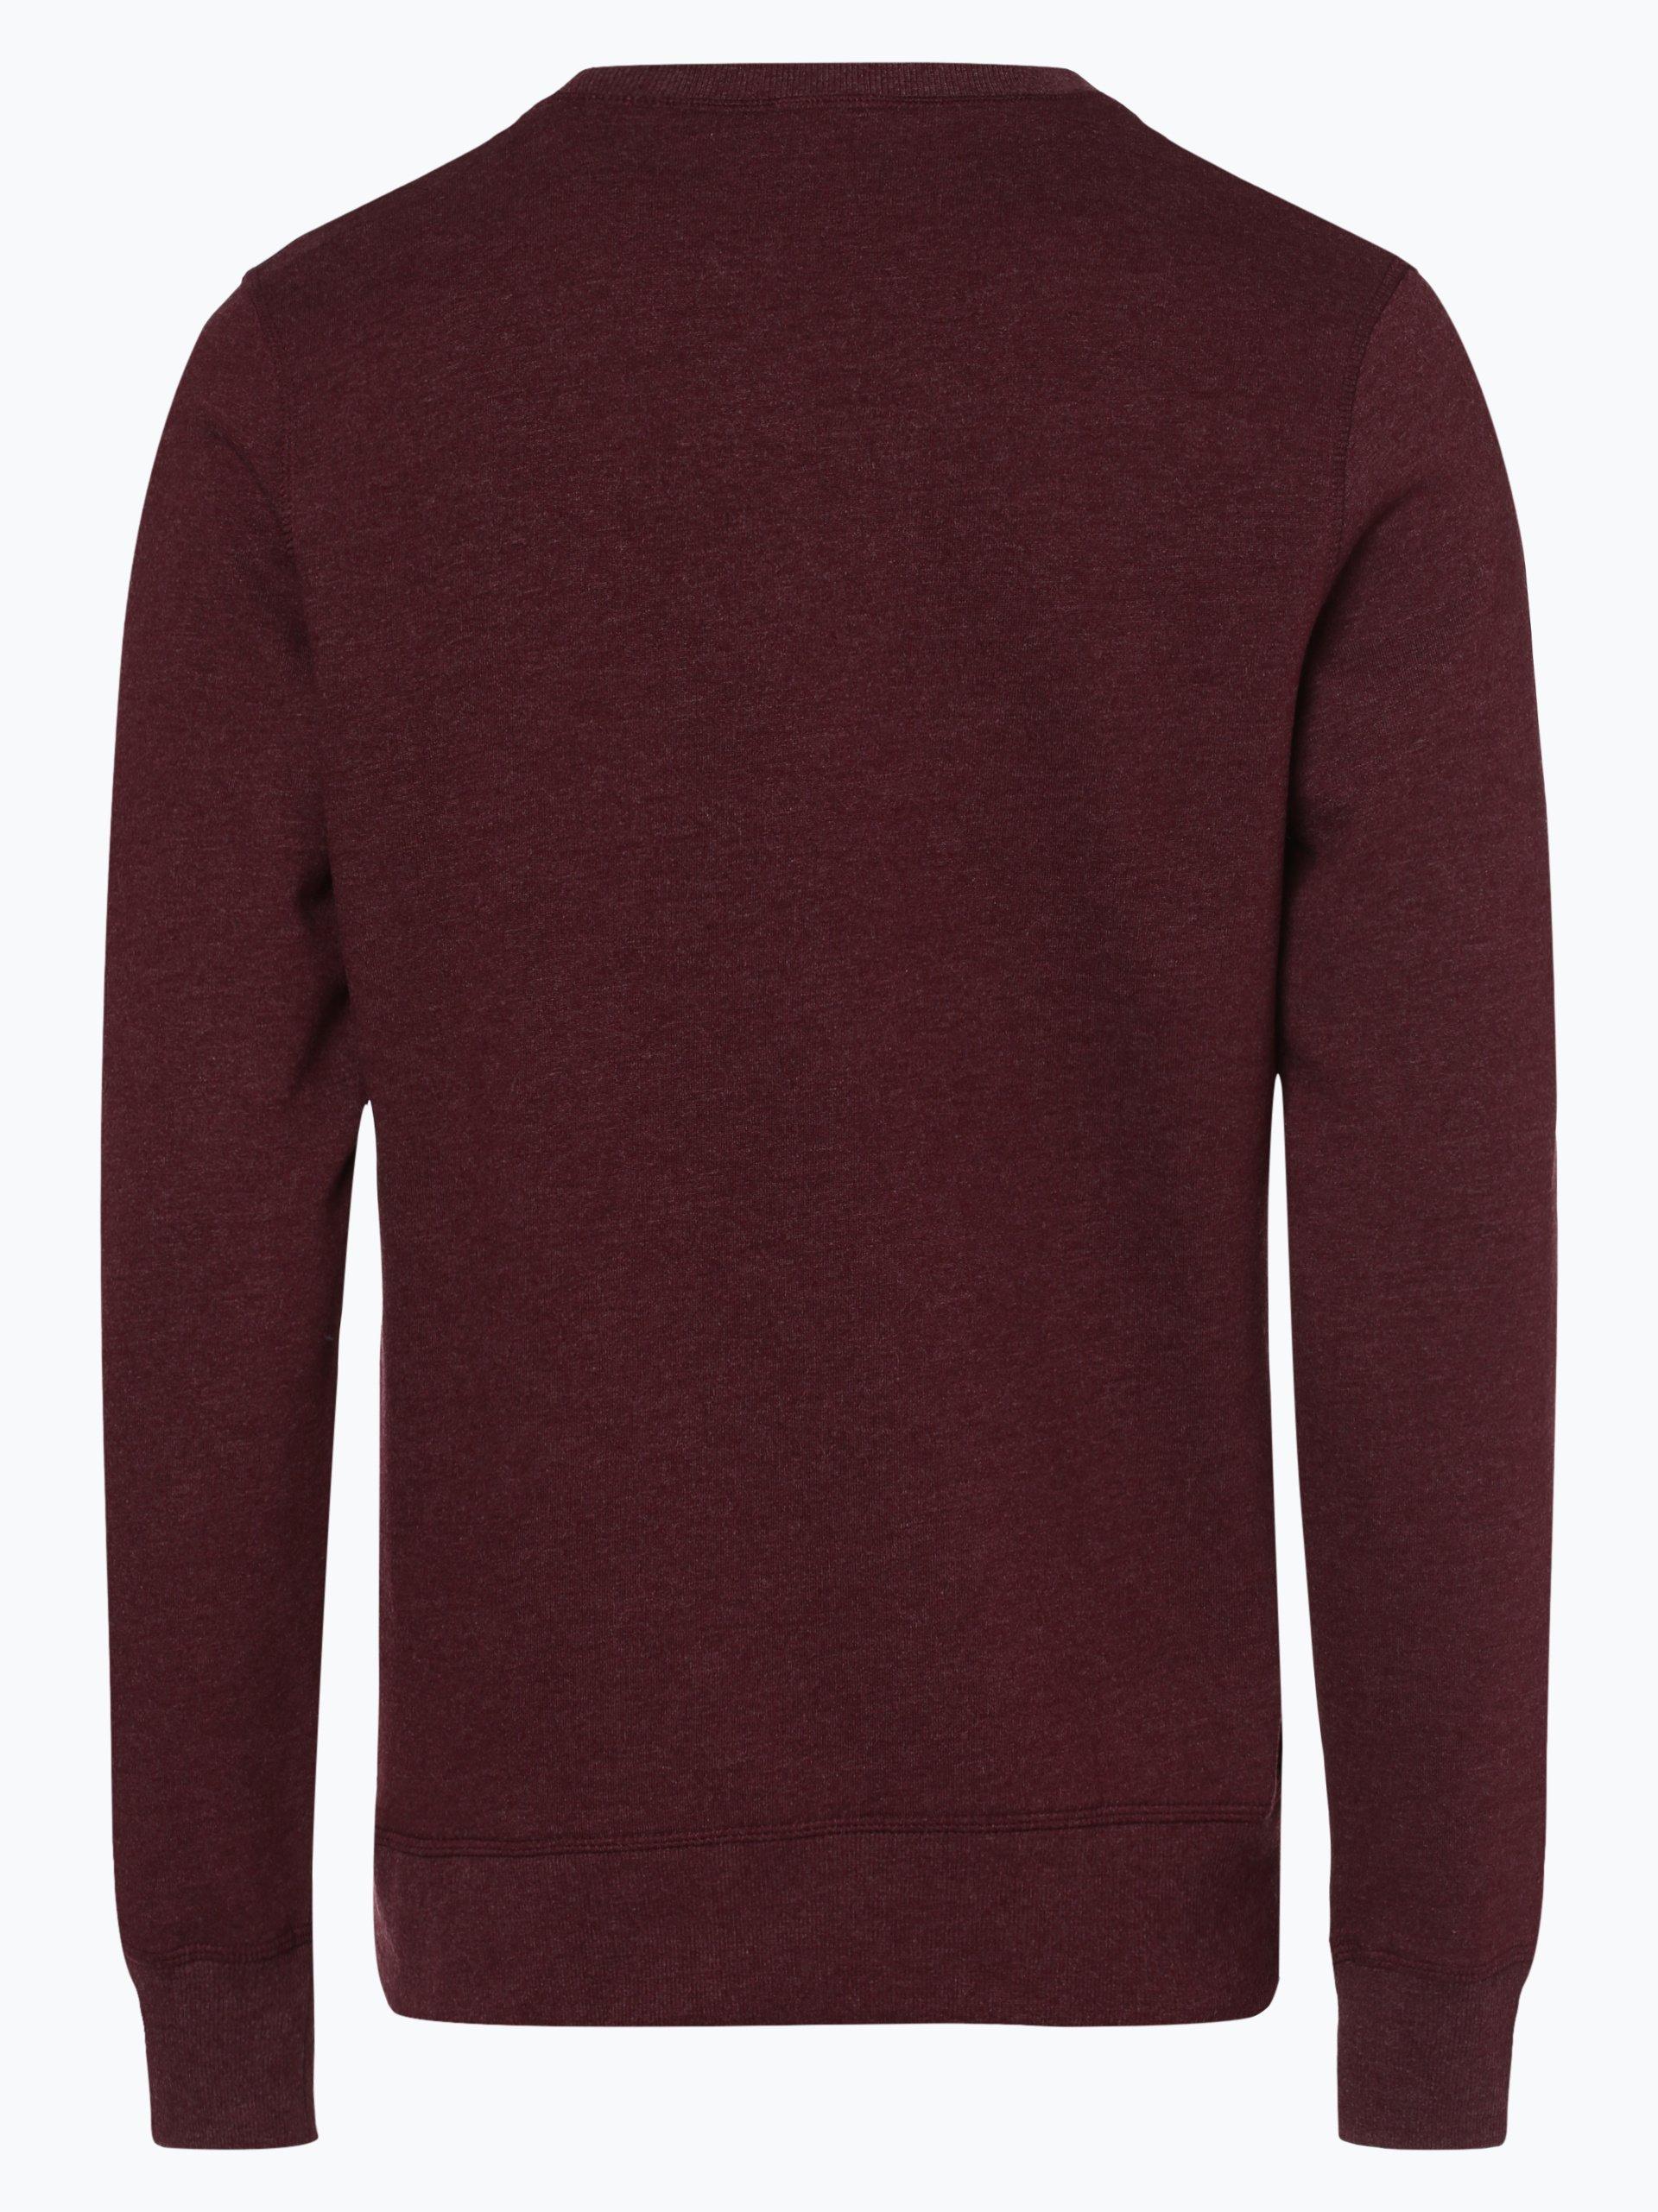 Jack & Jones Herren Sweatshirt - Hango